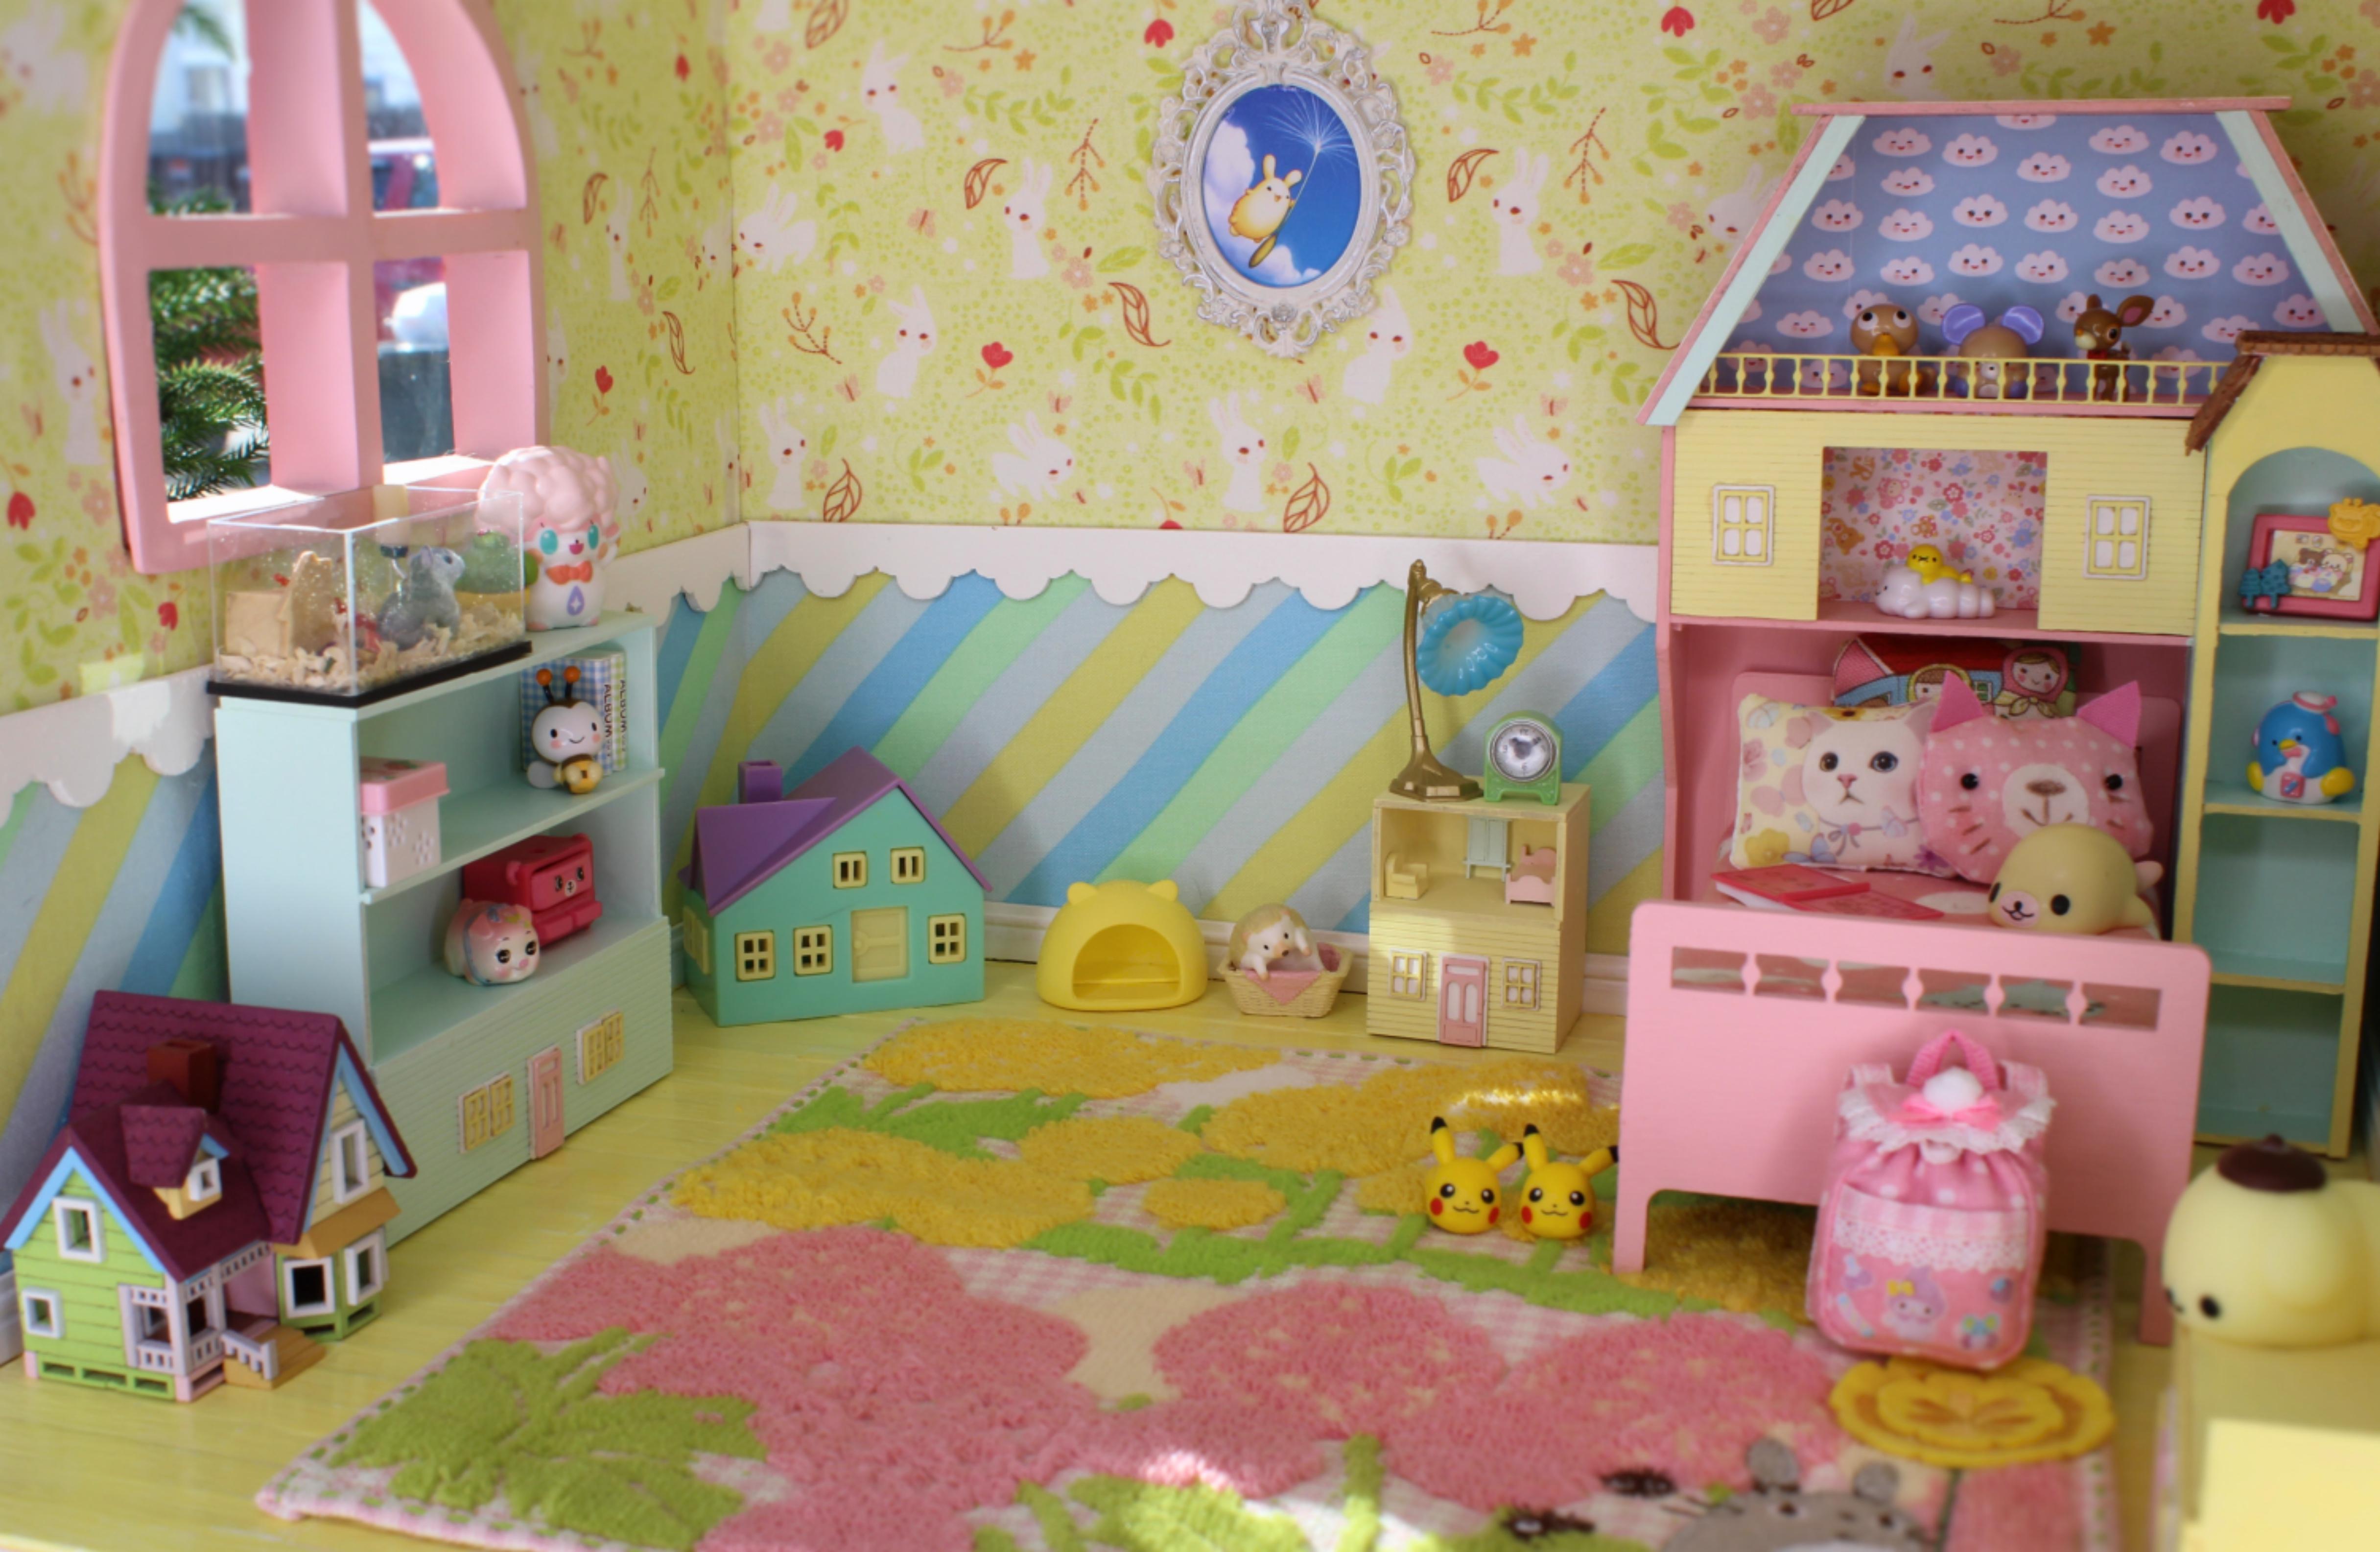 Wallpaper Mata Tempat Tidur Ungu Rumah Burung Hantu